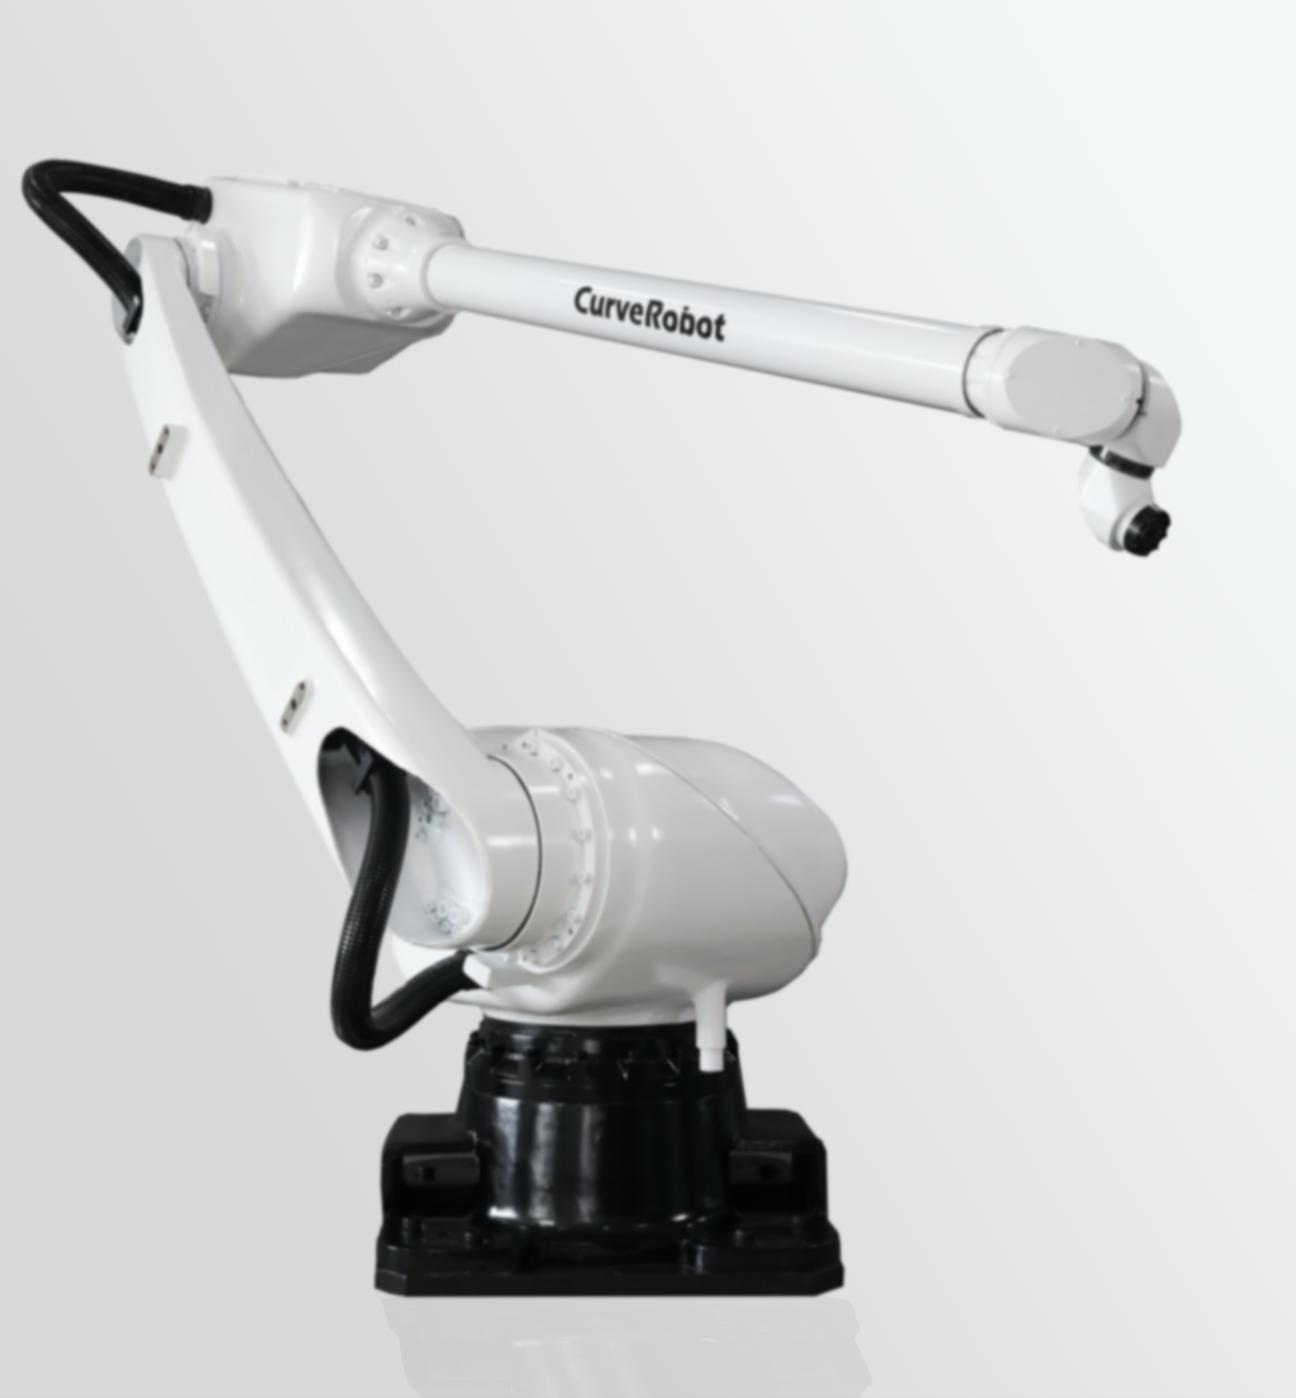 曲线智能机器人本体